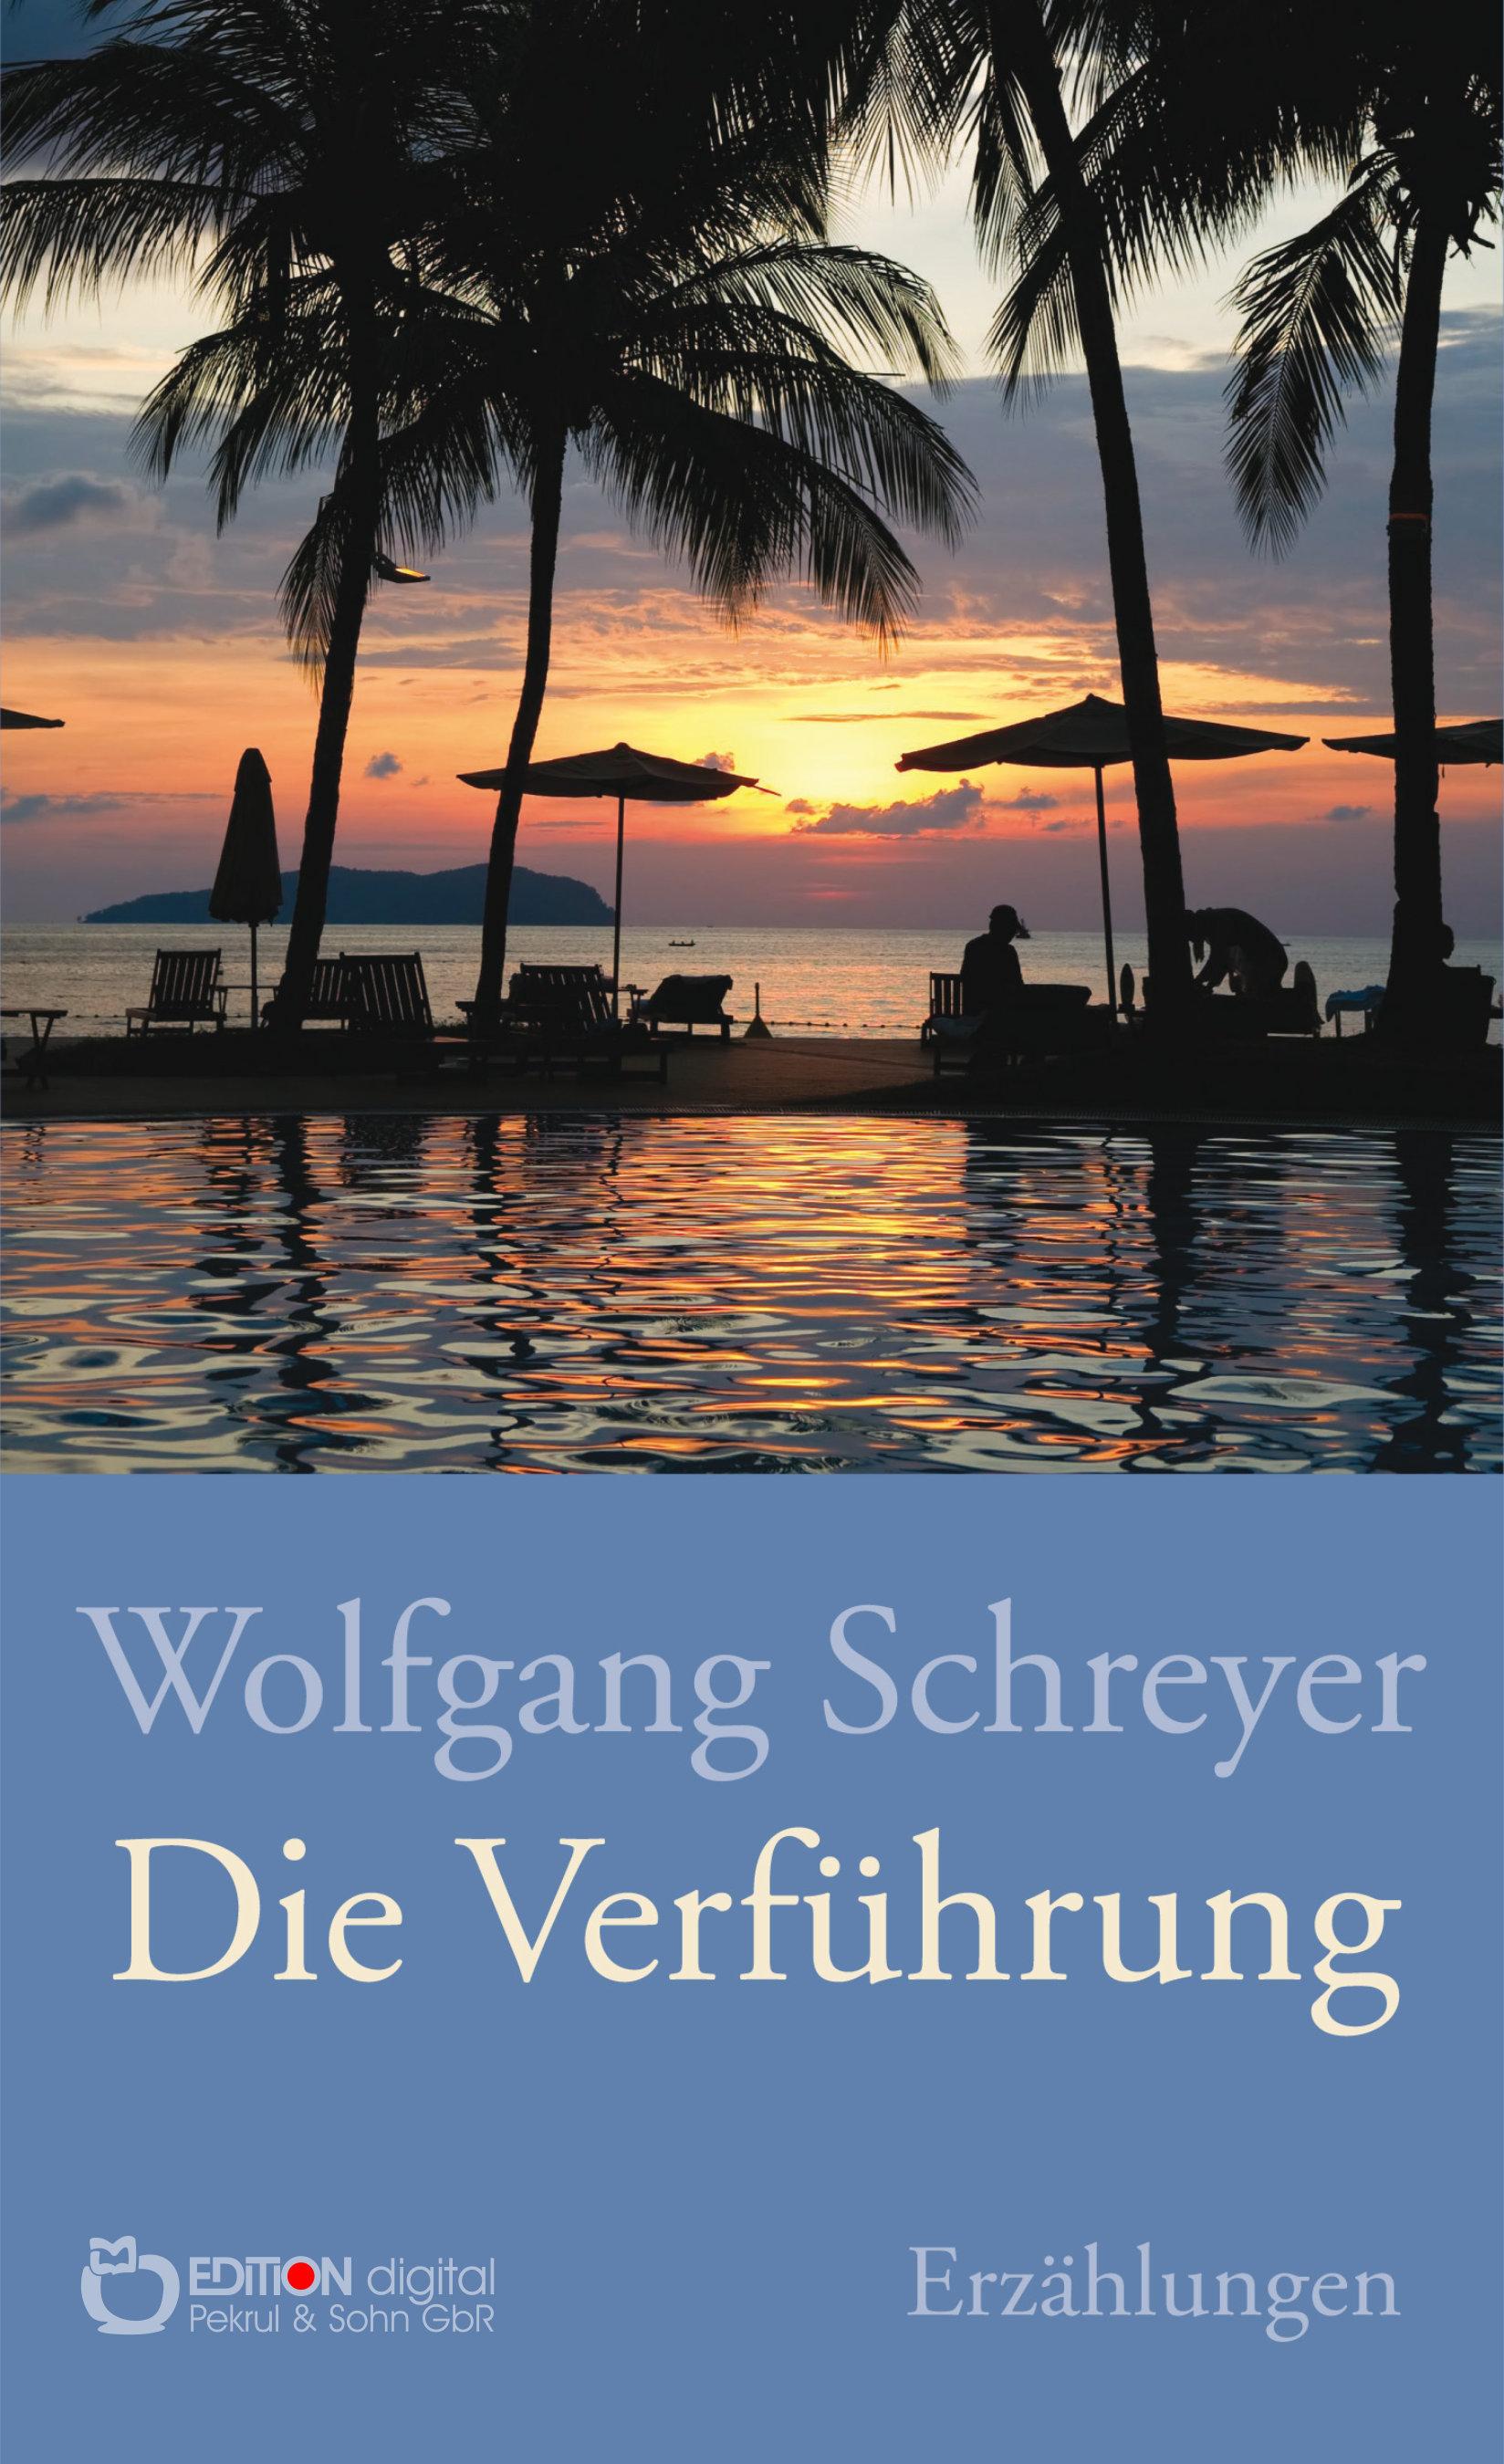 Die Verführung. Erzählungen von Wolfgang Schreyer